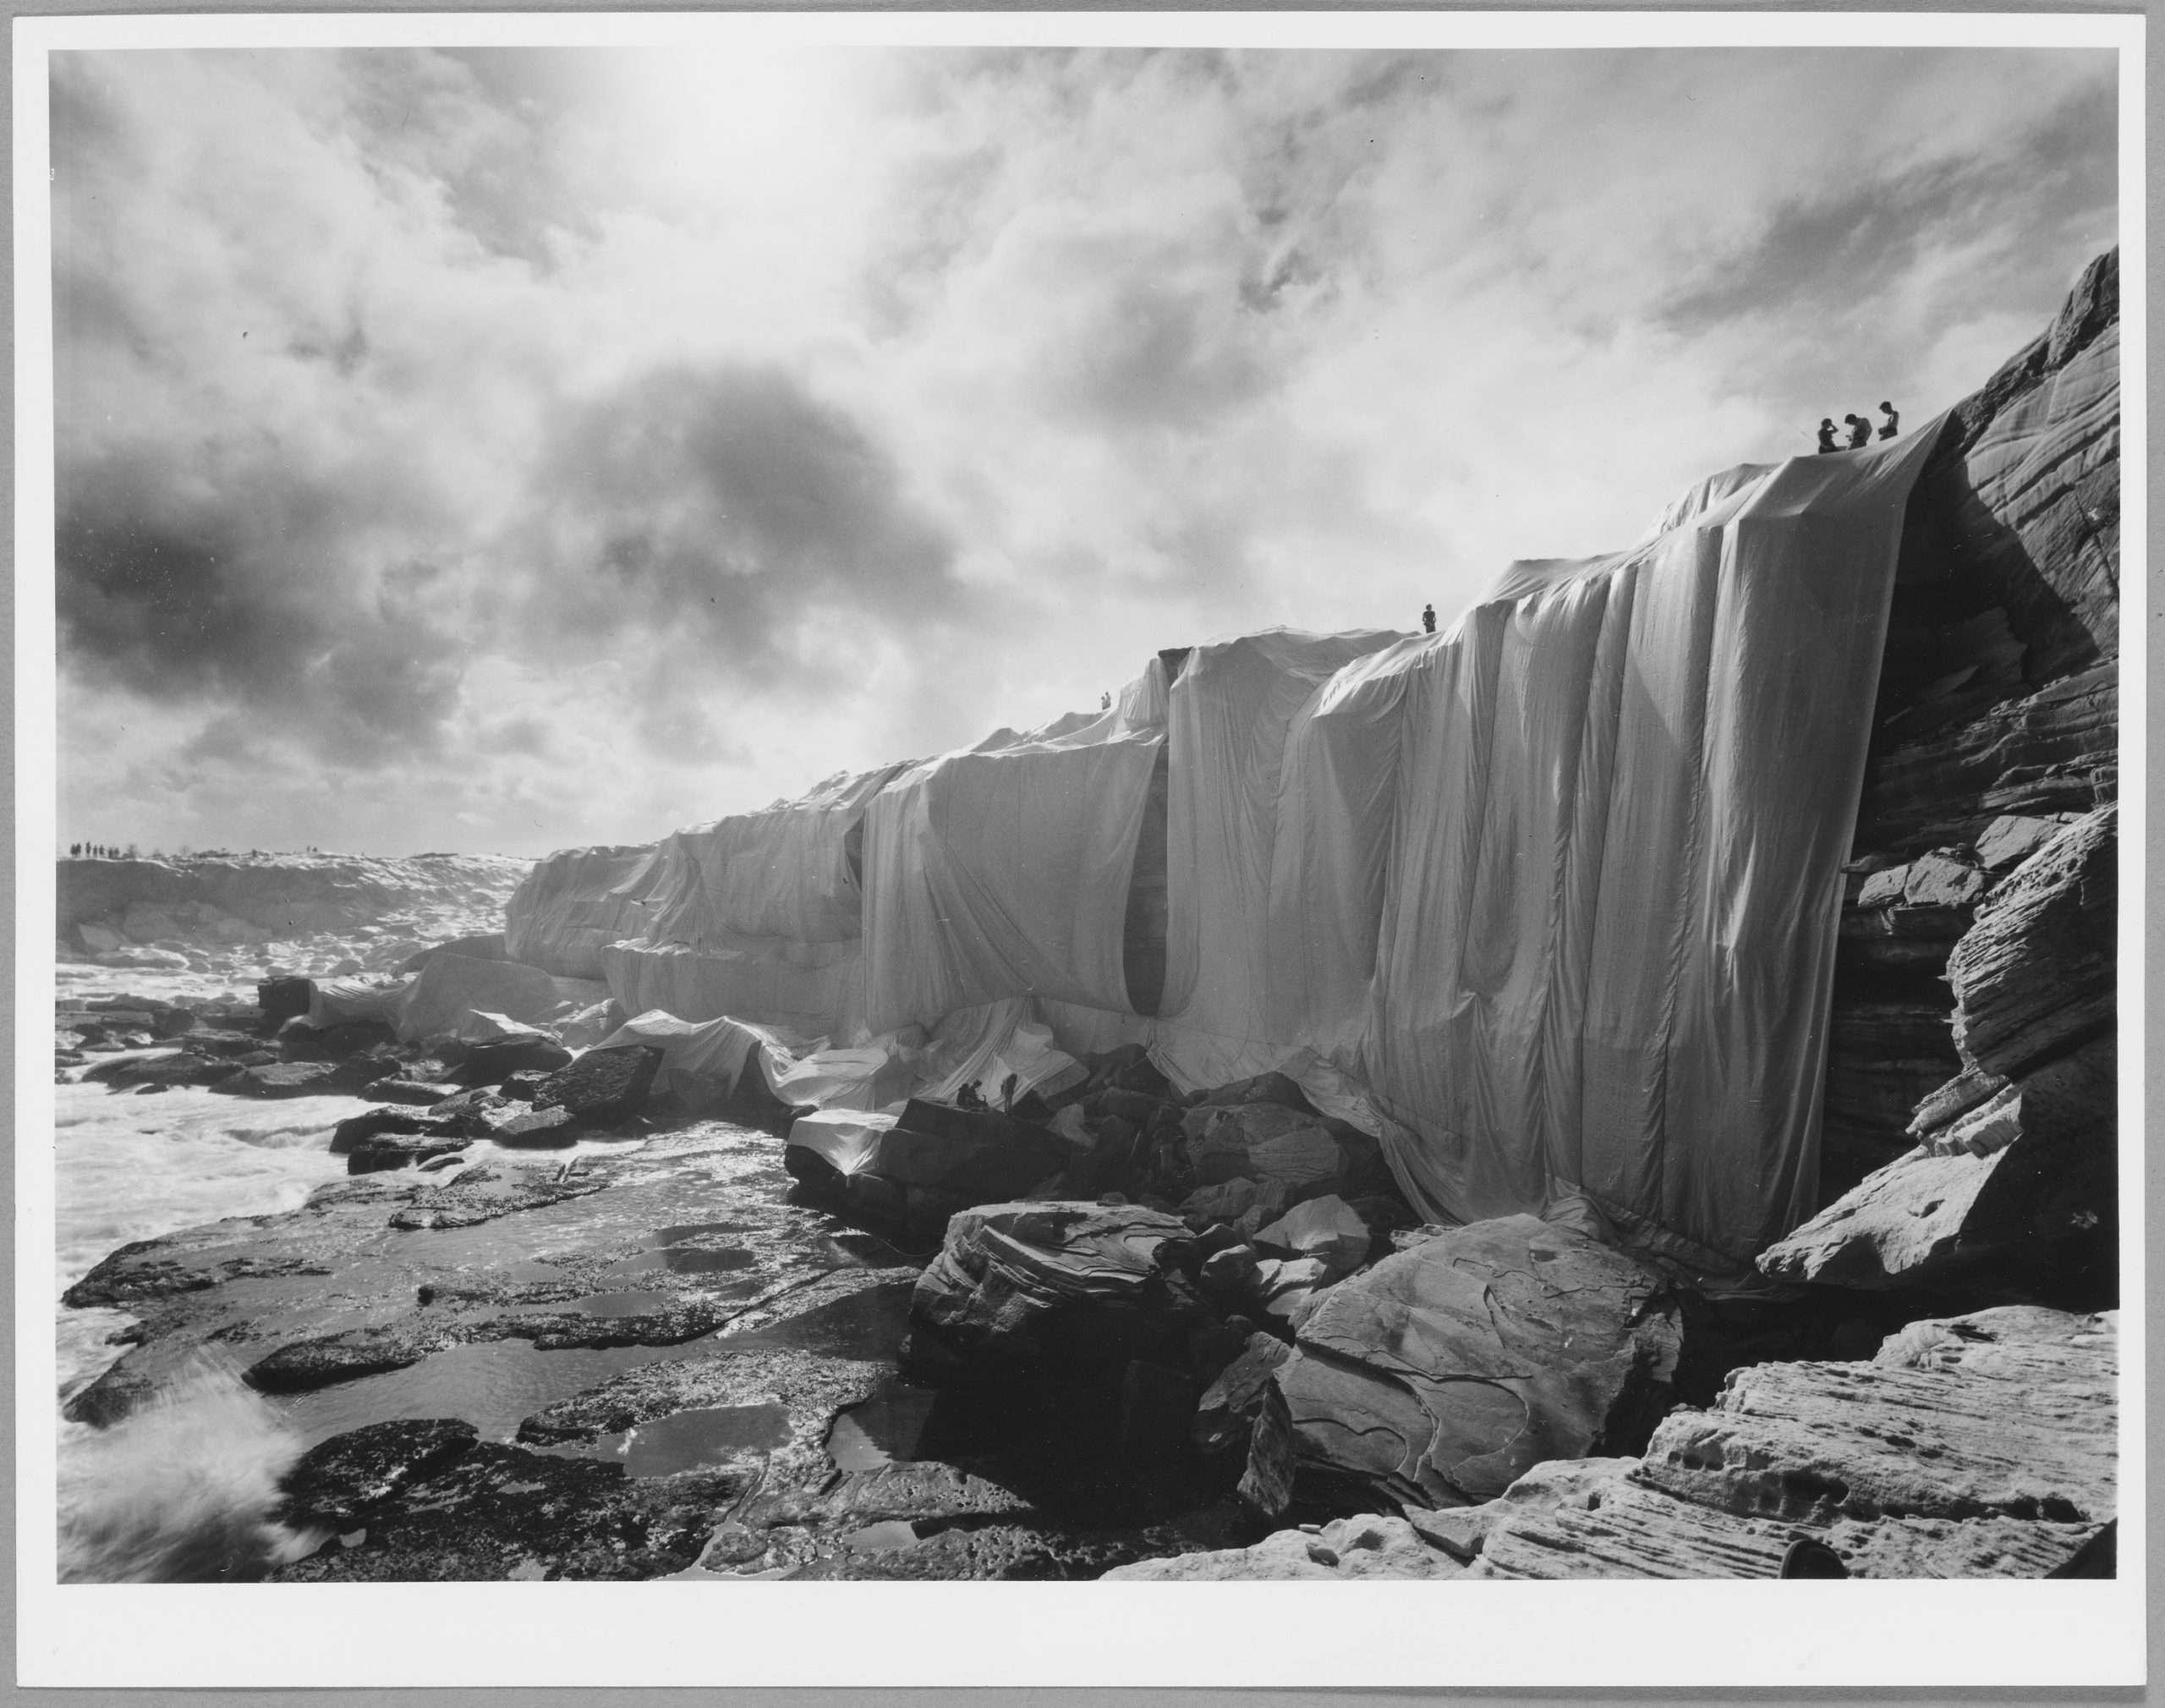 06. Shunk-Kender_Christo e Jeanne Claude, Costa impacchettata, Sidney, 1968-69